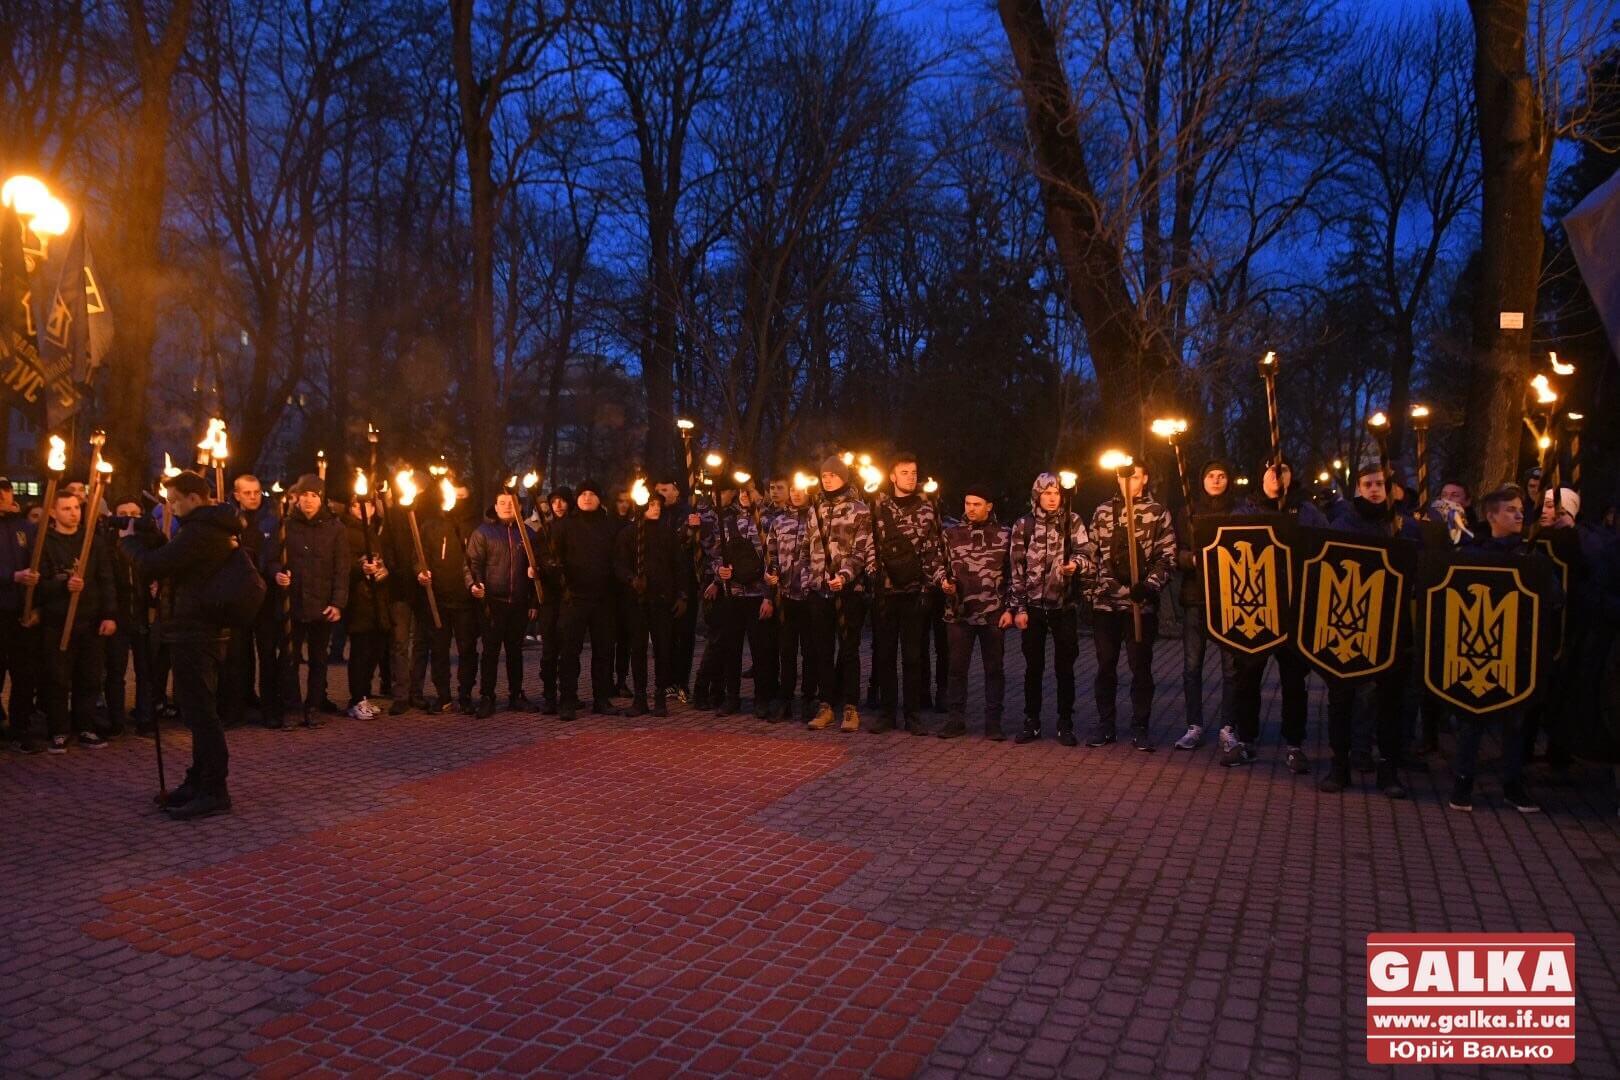 Сотні франківців зі смолоскипами в руках вшанували Героїв Крут (ФОТО, ВІДЕО)